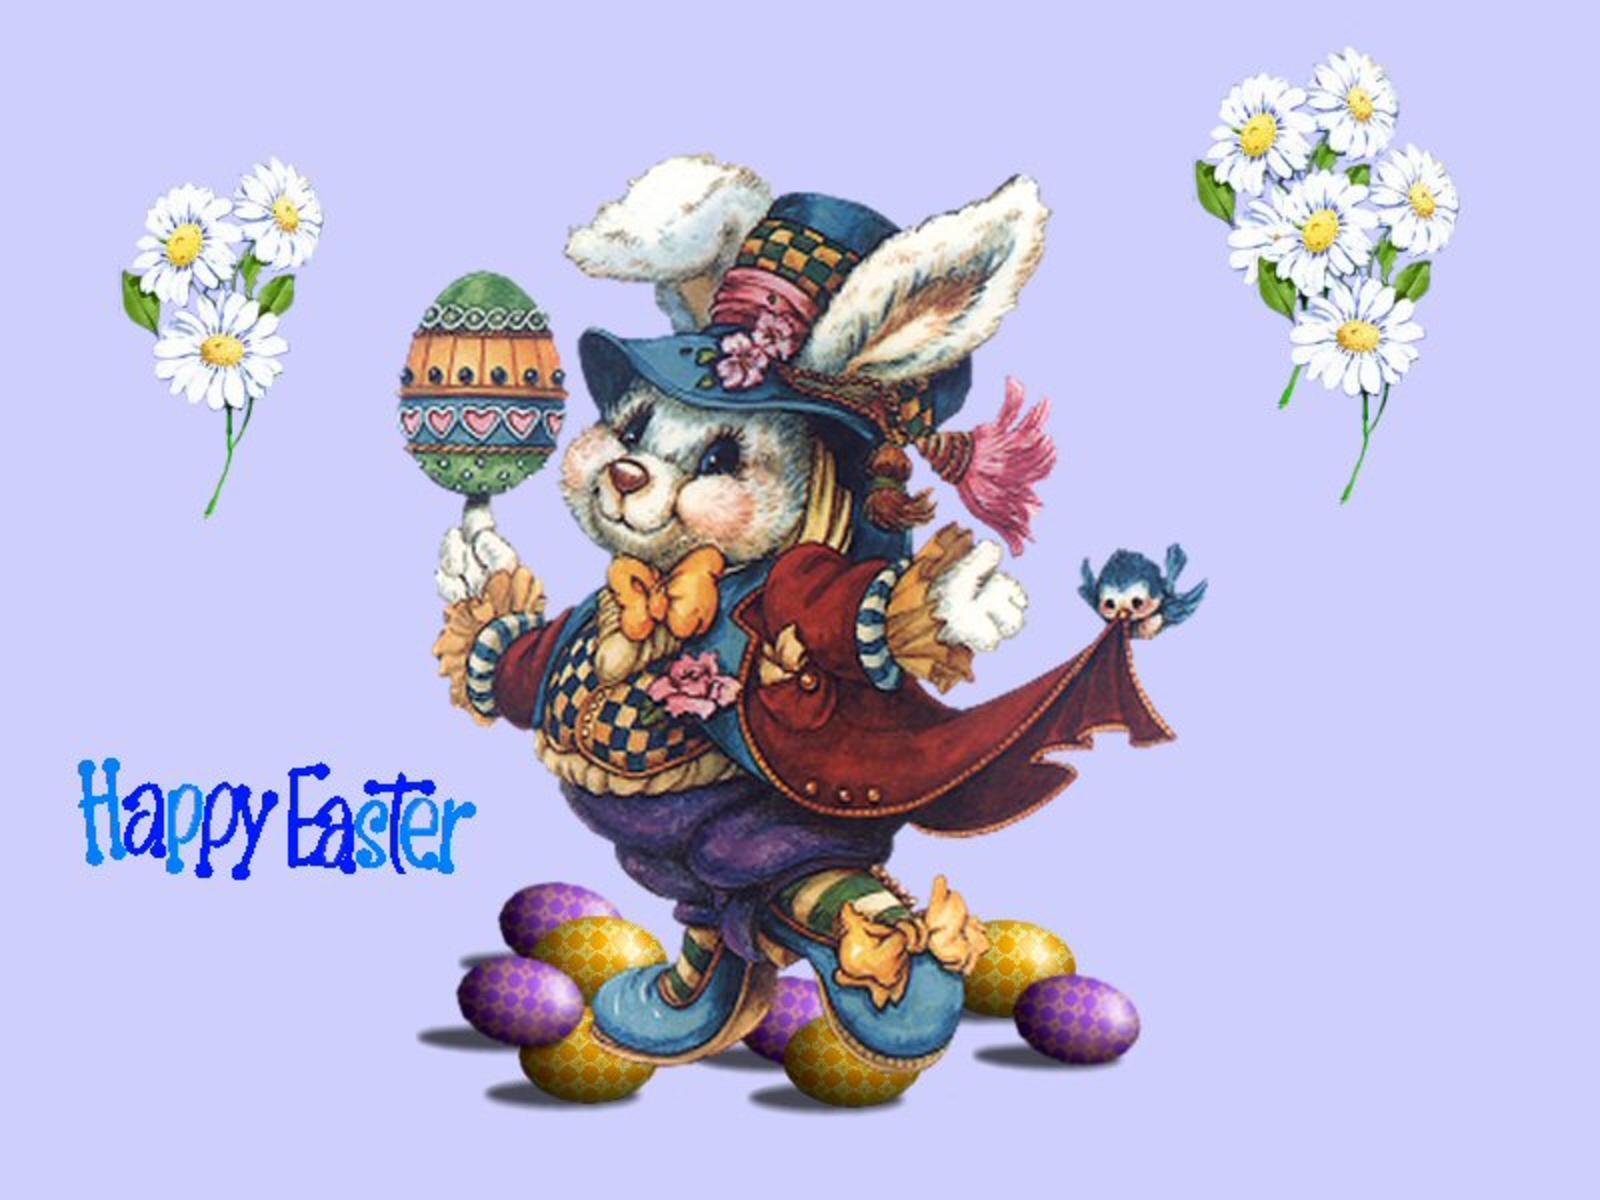 Funny Easter Wallpapers for Desktop Backgrounds Desktop Background 1600x1200